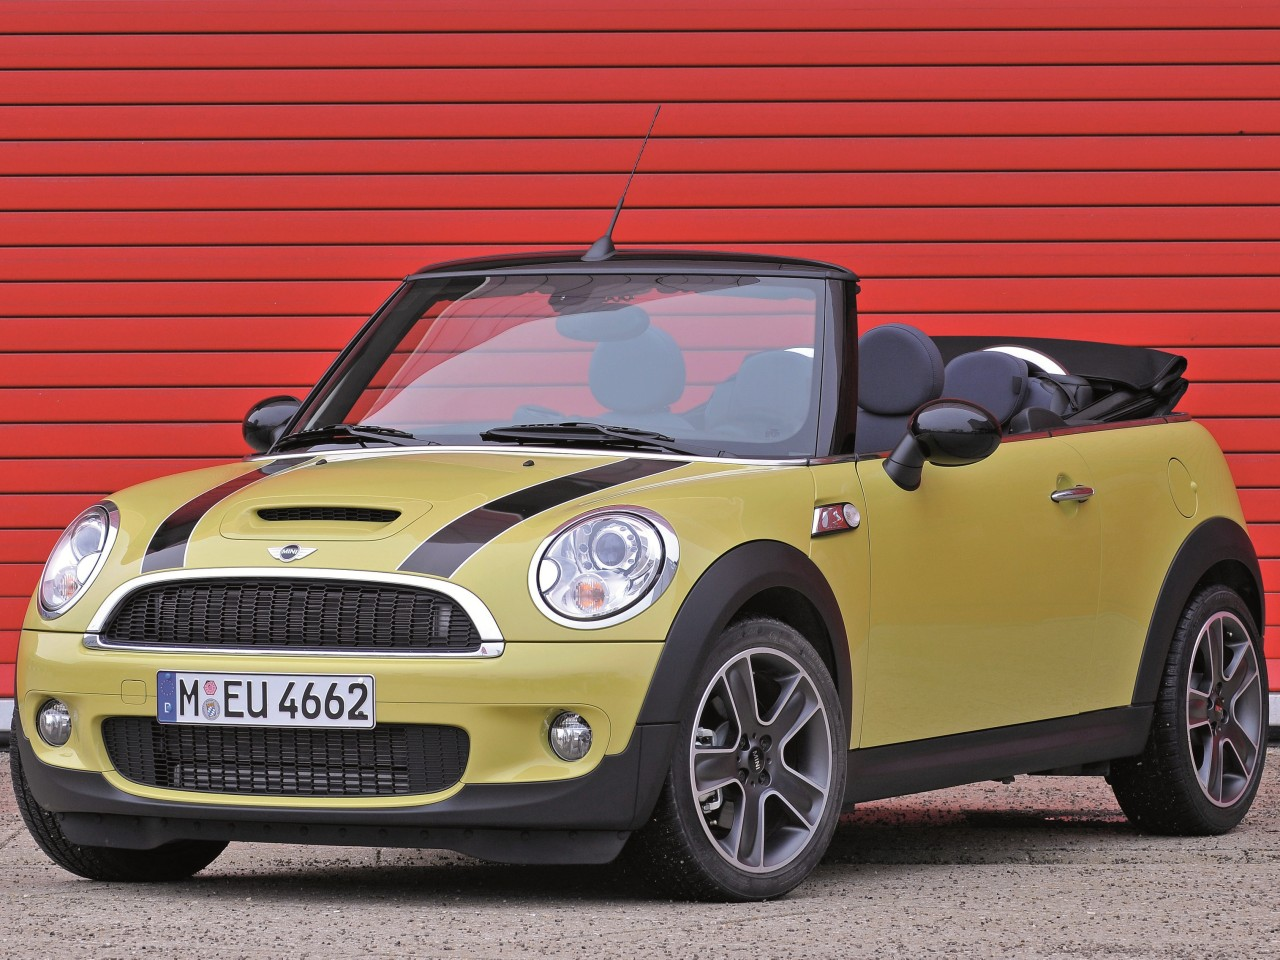 ミニ MINI CONVERTIBLE (コンバーチブル) 2009年モデル 新車画像